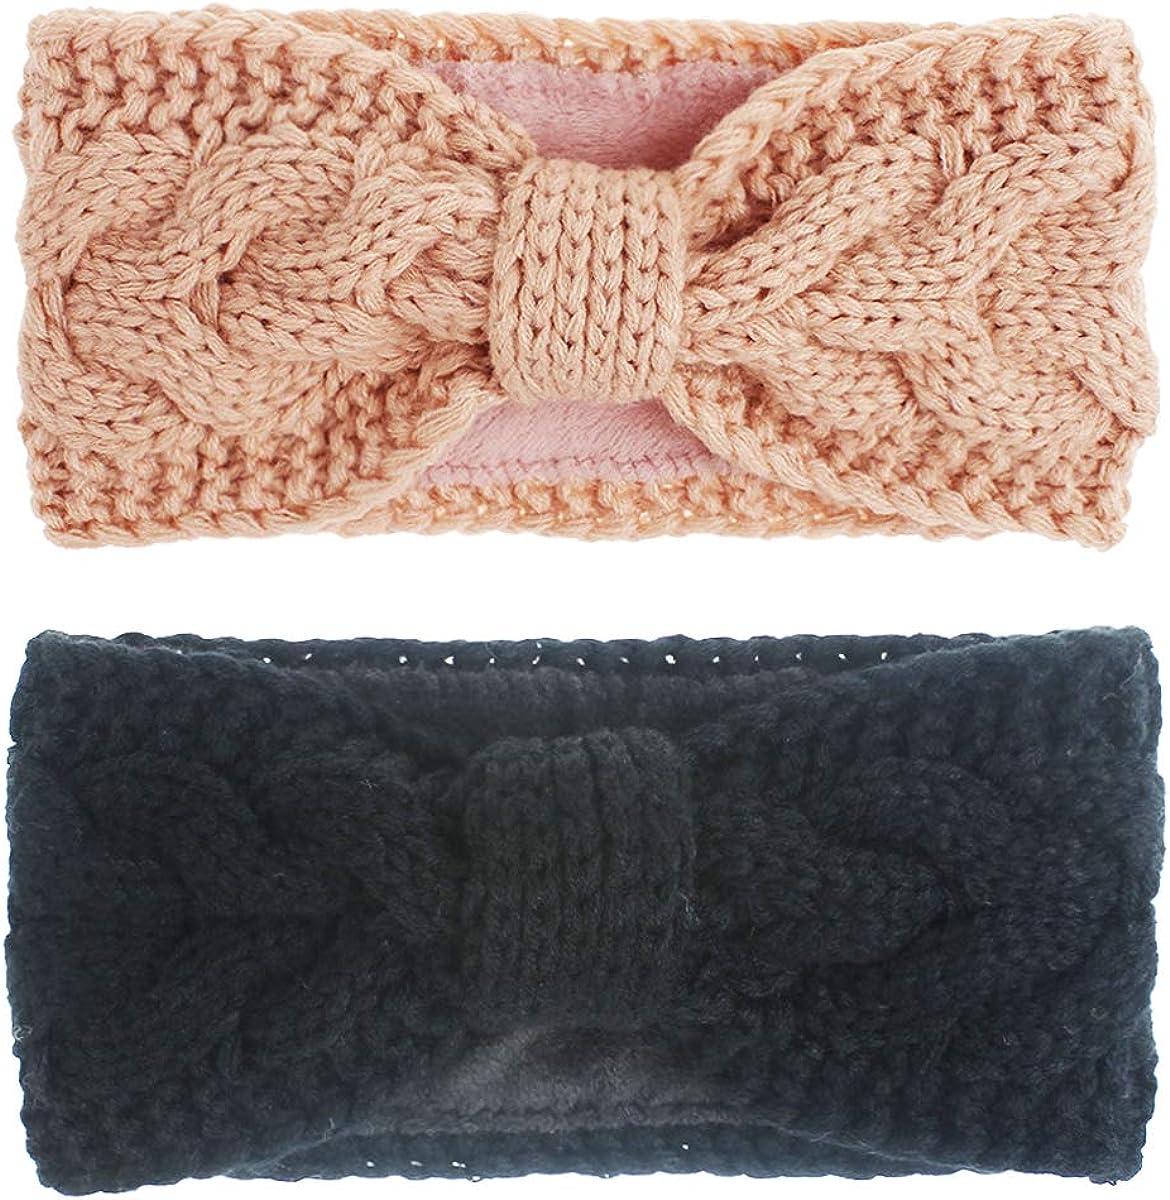 MonicaSun Women Winter Warm Headband Fuzzy Fleece Lined Thick Cable Knit Head Wrap Ear Warmer